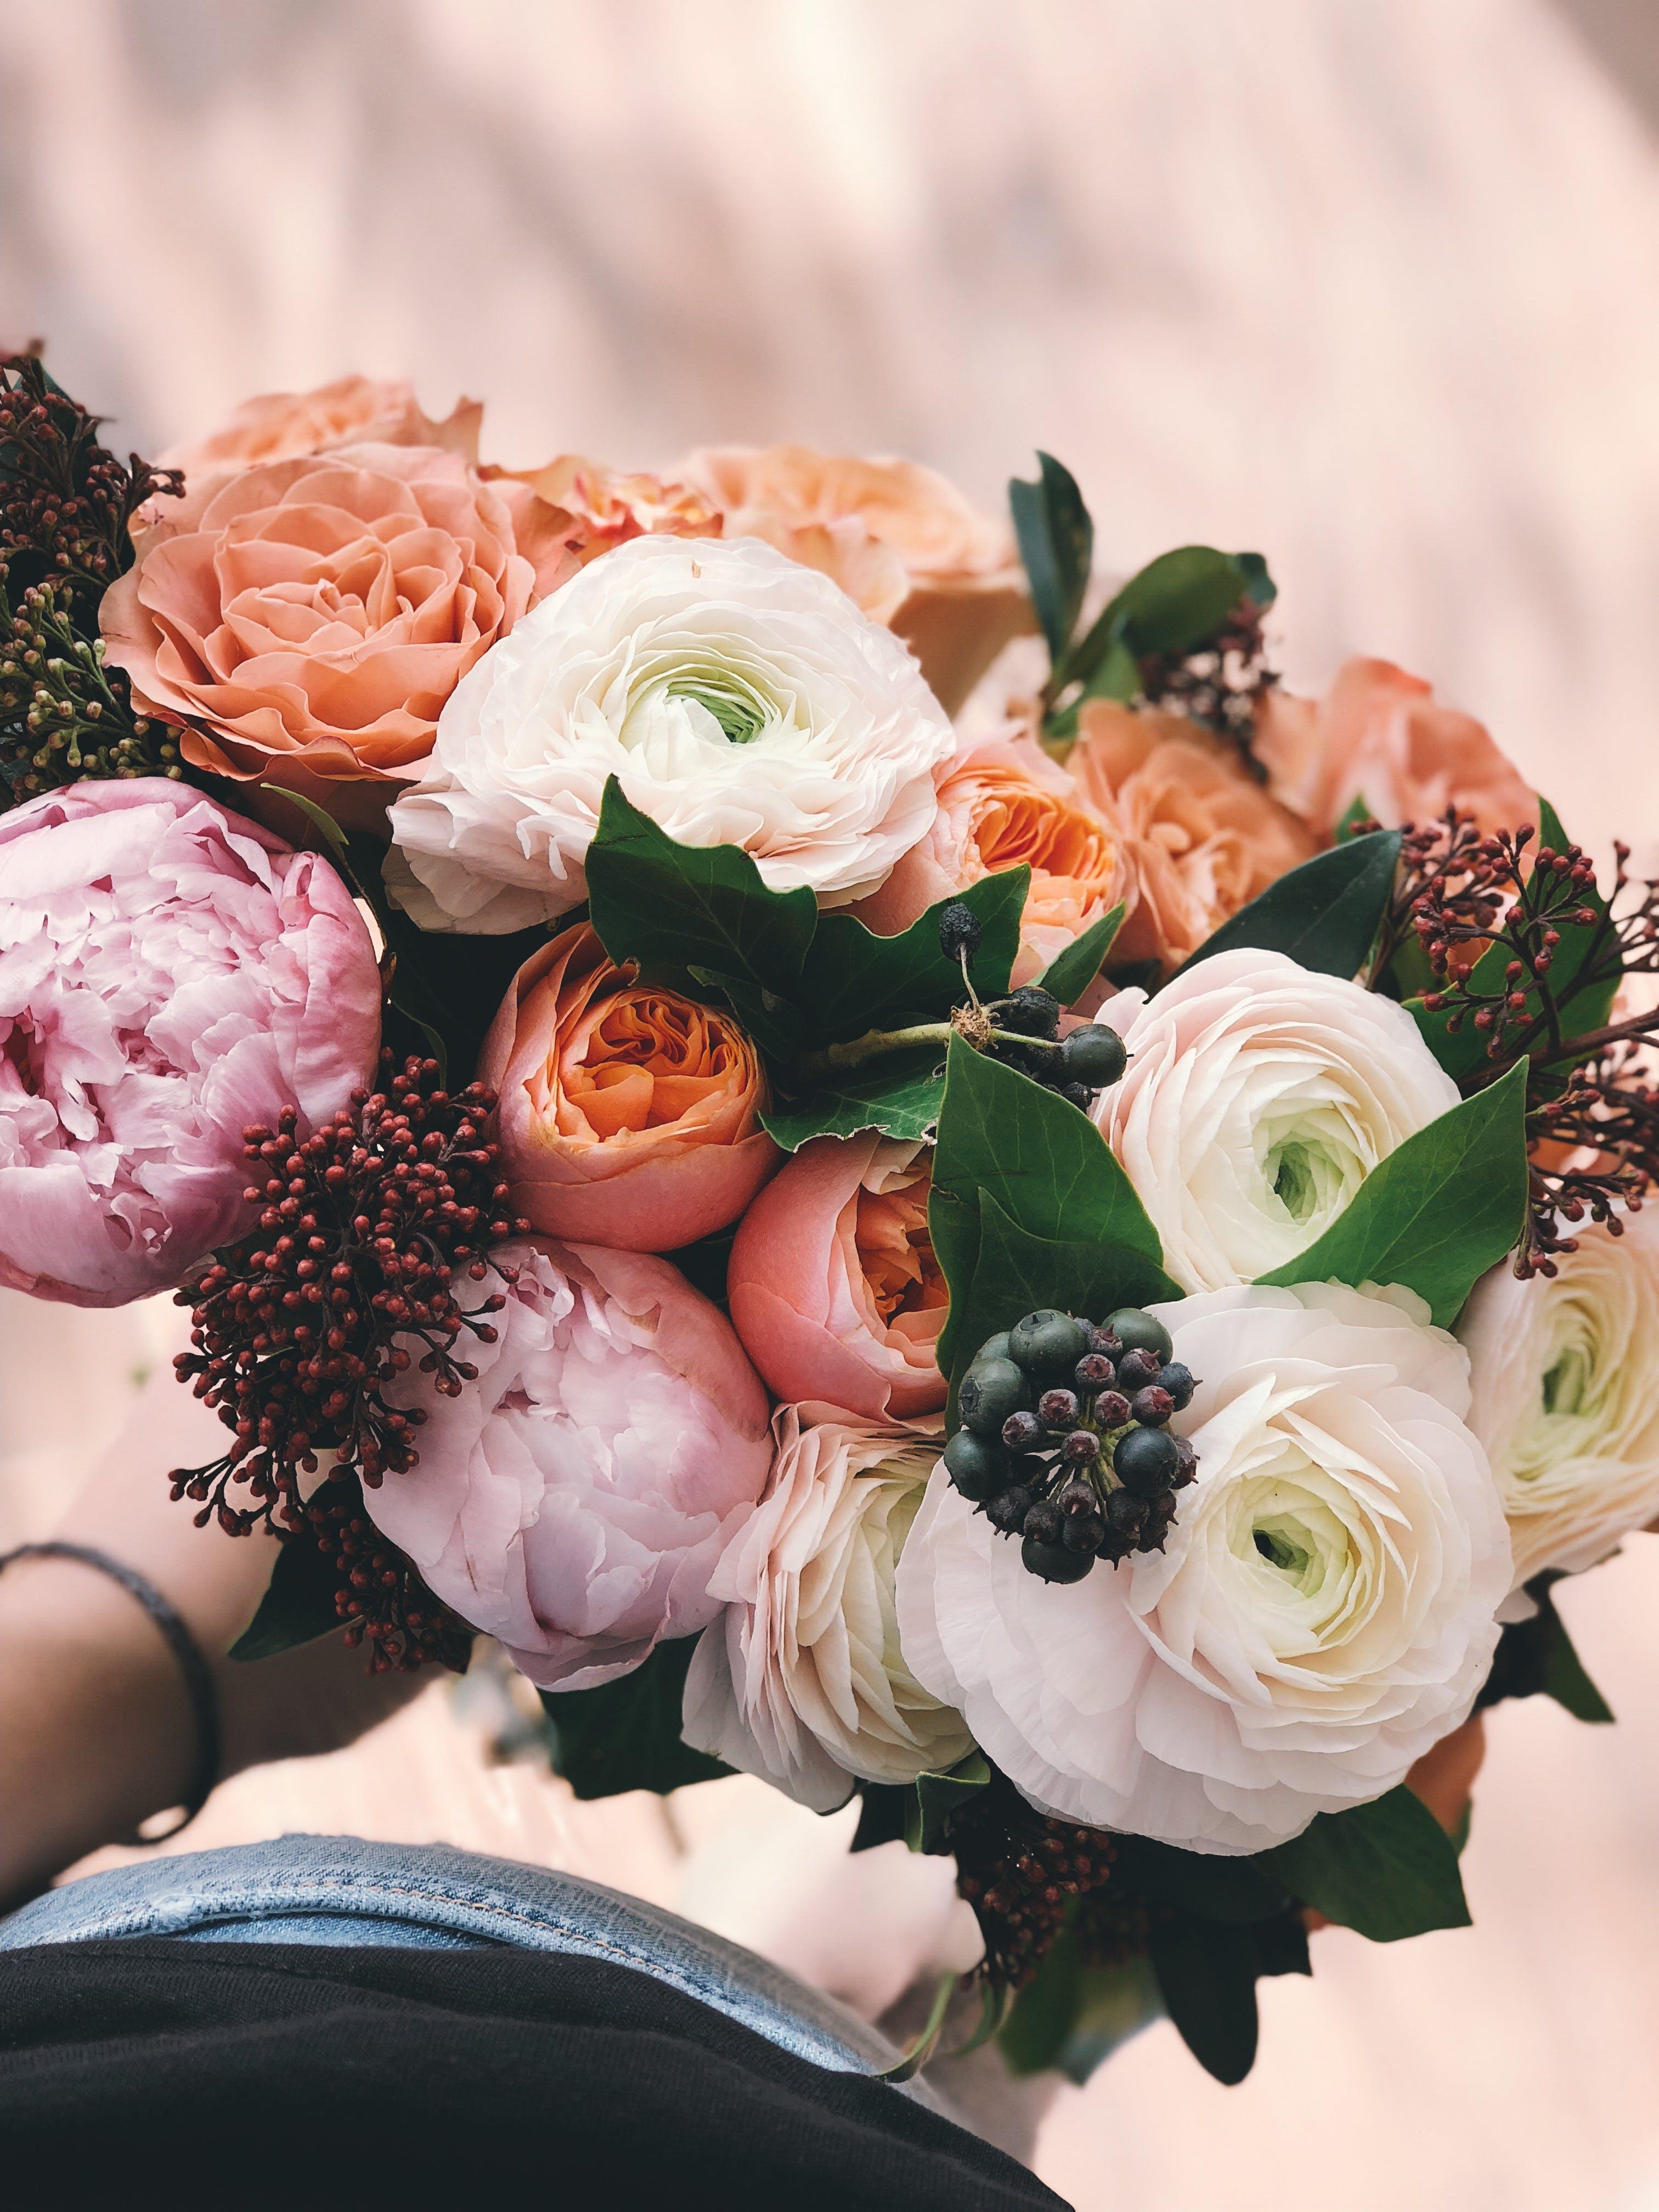 Kostenloses Stock Foto zu blumen, blumenstrauß, blüte, blütenblätter